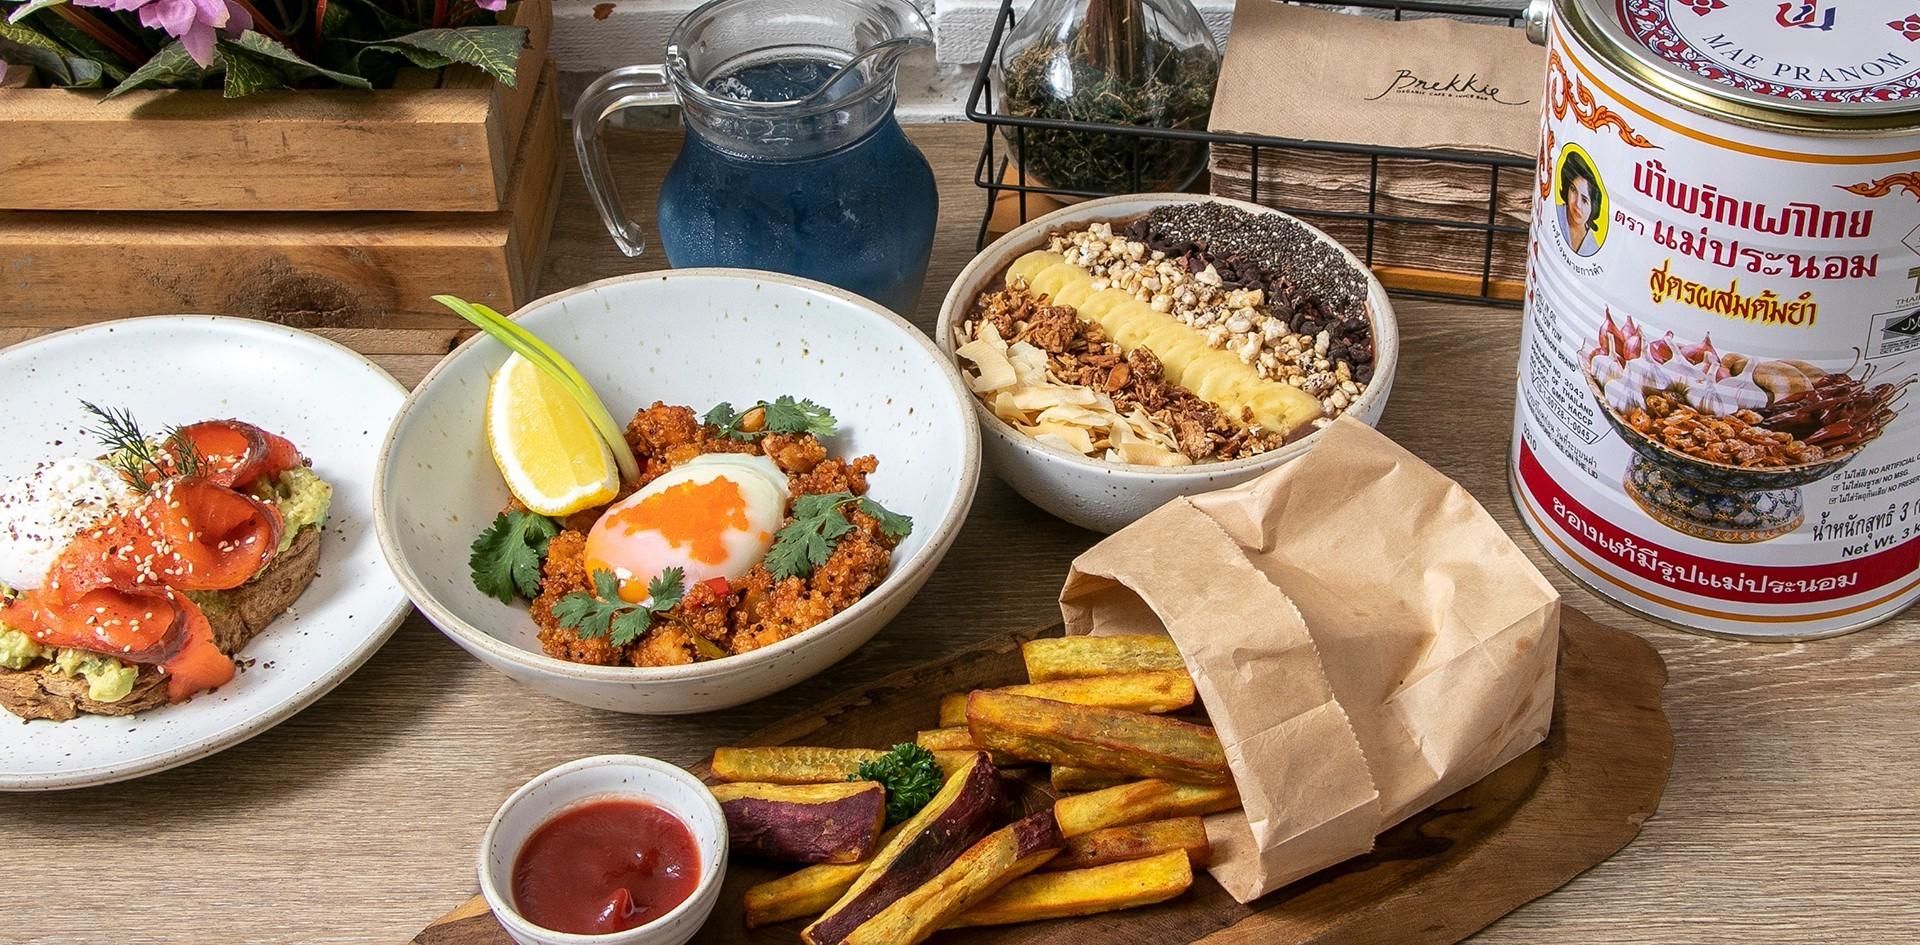 [รีวิว] Brekkie Organic Cafe คาเฟ่ออร์แกนิก เอาใจคนรักสุขภาพ !